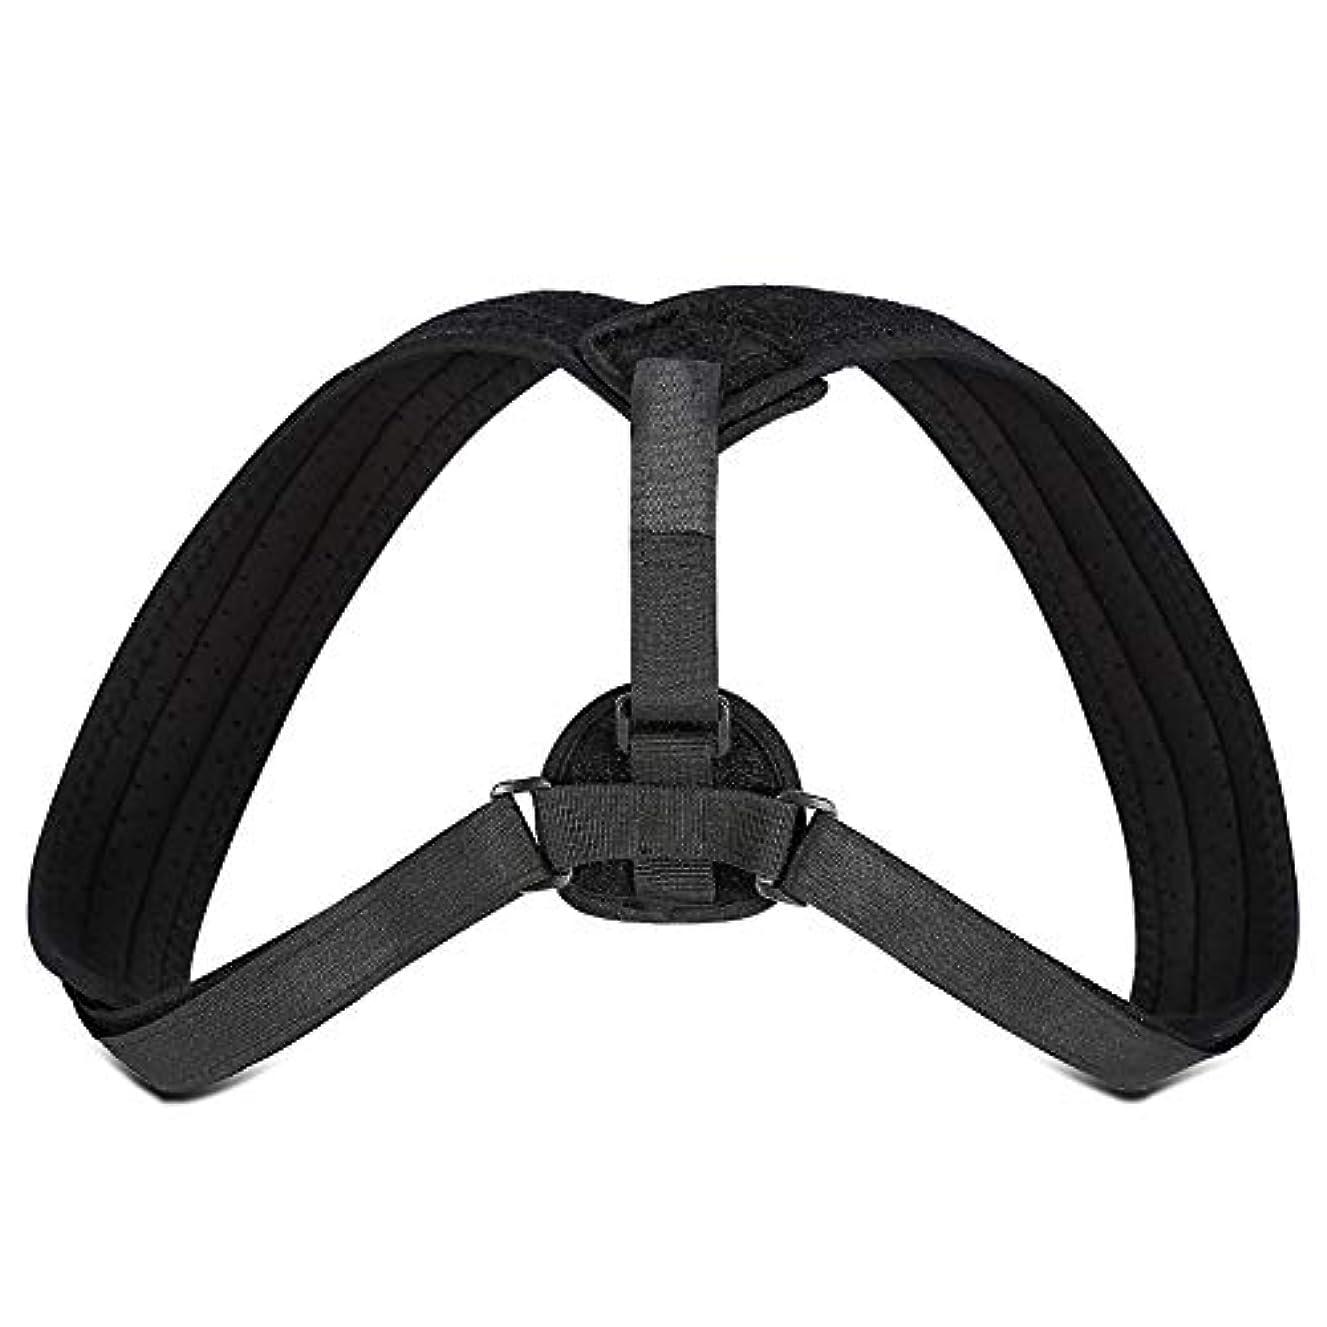 コンソール矢印受け取るYosoo Posture Corrector - ブレースアッパーバックネックショルダーサポートアジャスタブルストラップ、肩の体位補正、整形外科用こぶの緩和のための包帯矯正、ティーン用